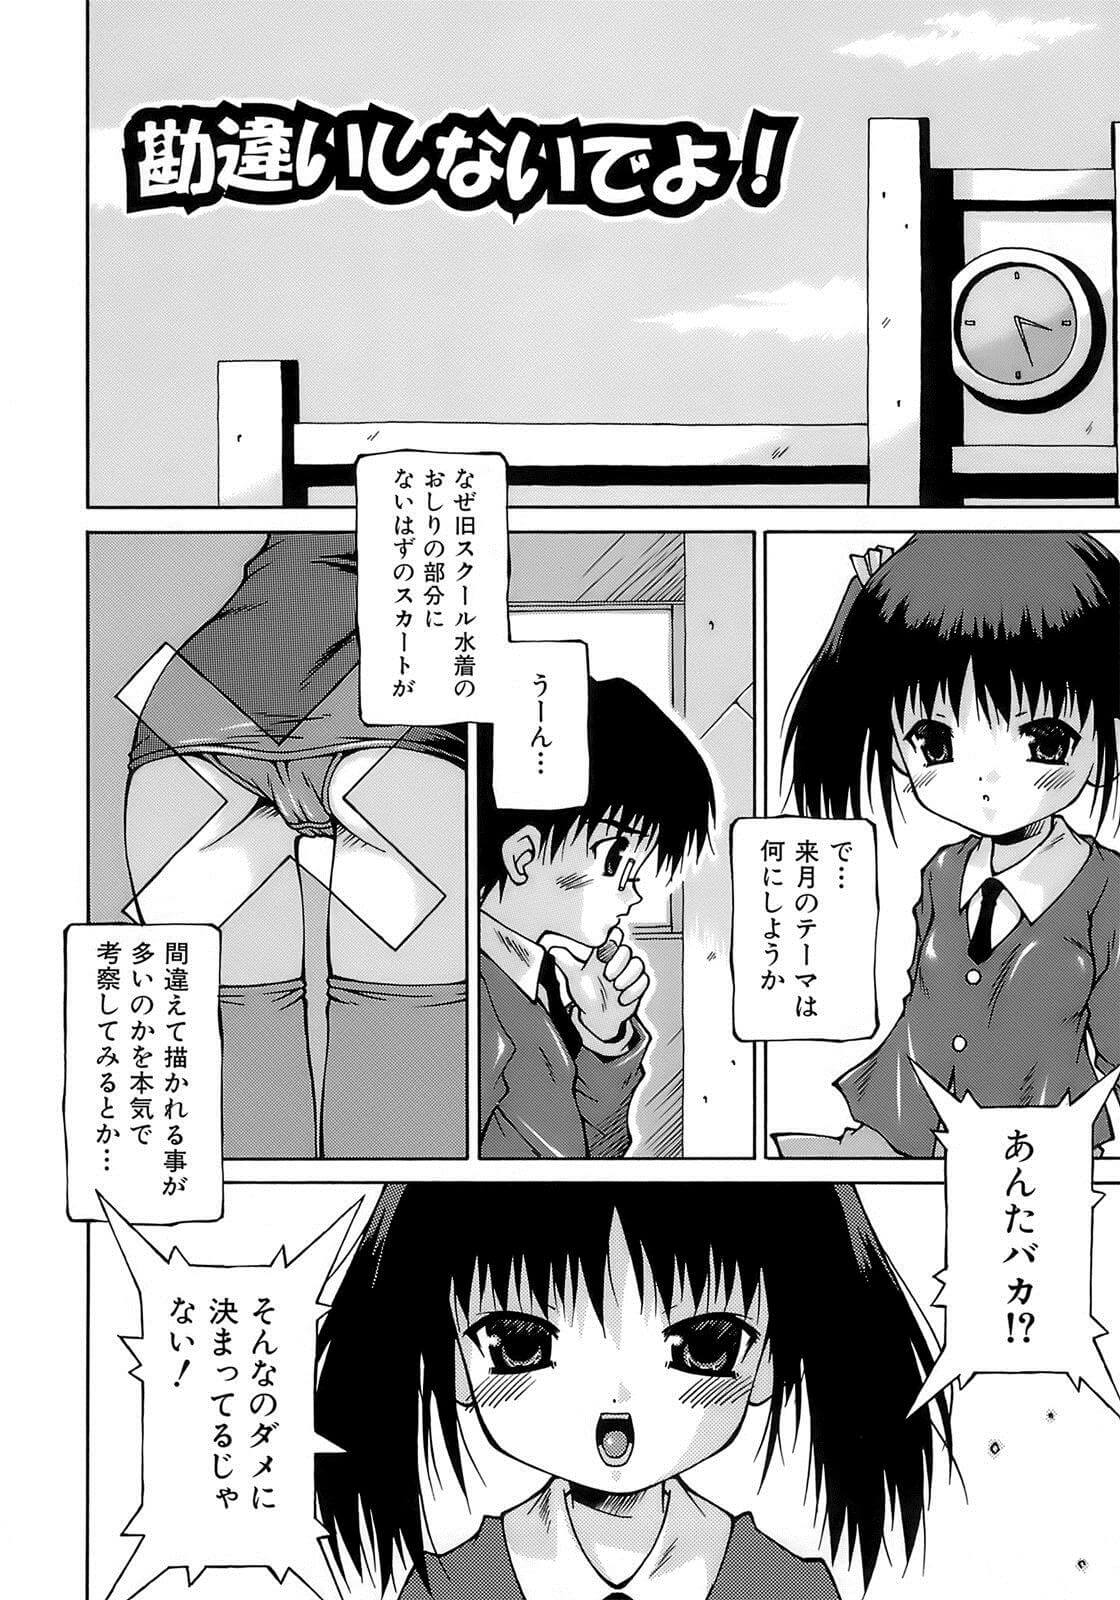 【エロ漫画】JCのツンデレ委員長が帰りにおしっこしたくなってチラ見してたら舐めさせられて…!【無料 エロ同人】 (2)